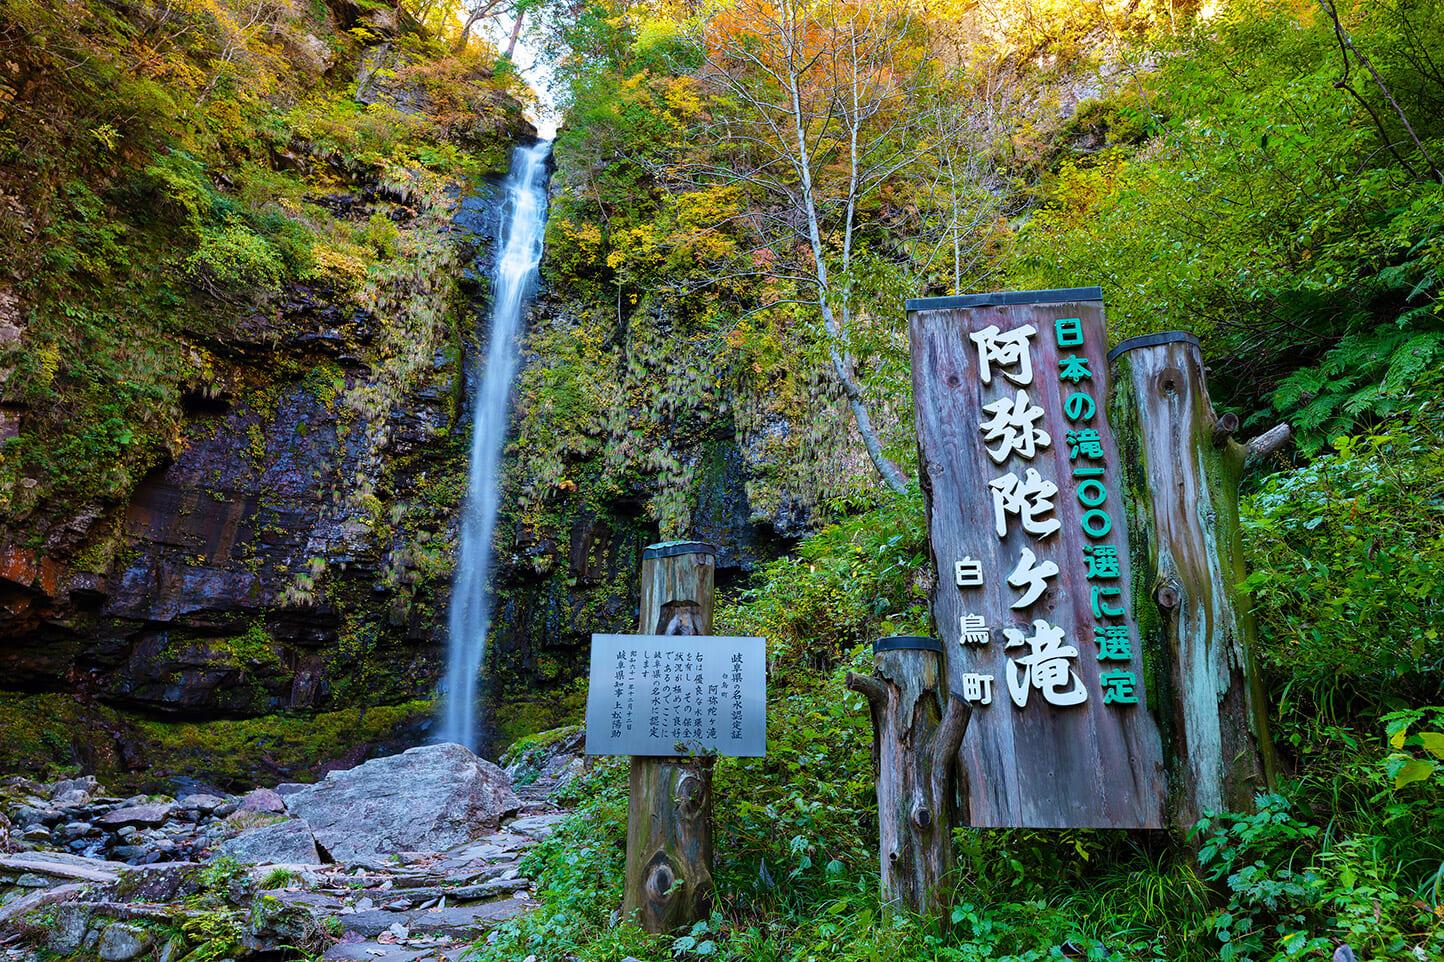 阿弥陀ヶ滝の紅葉 スライダー画像1